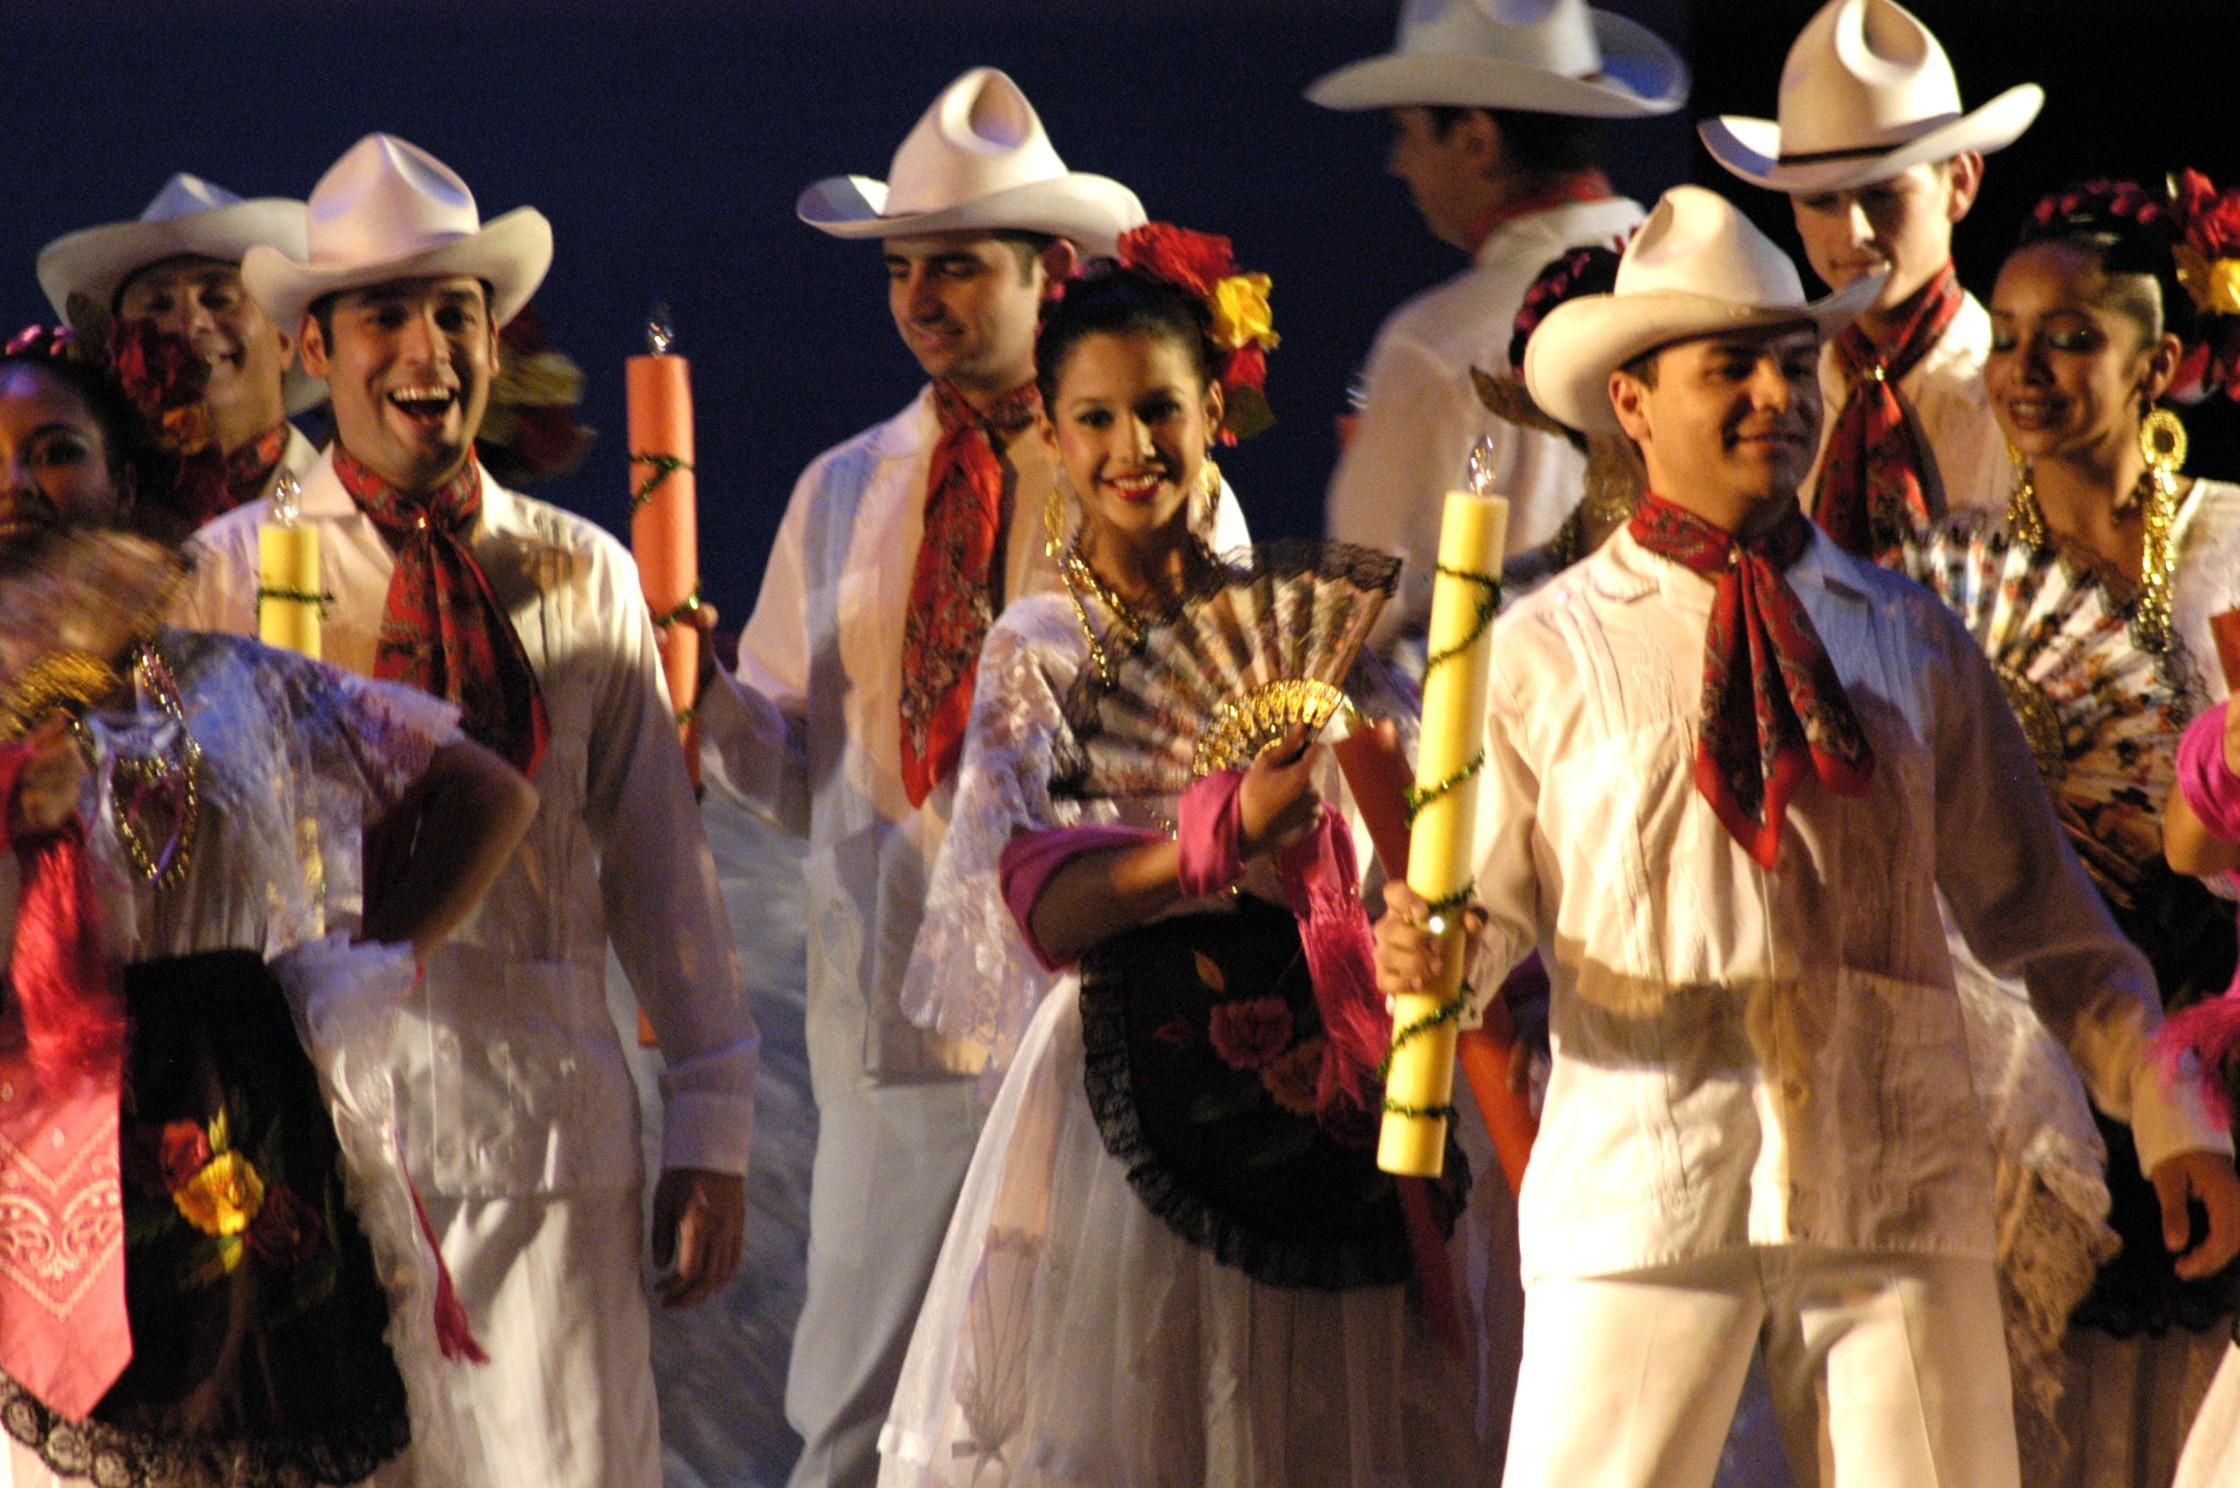 долго мексиканский новый год в картинках страдал редкого генетического